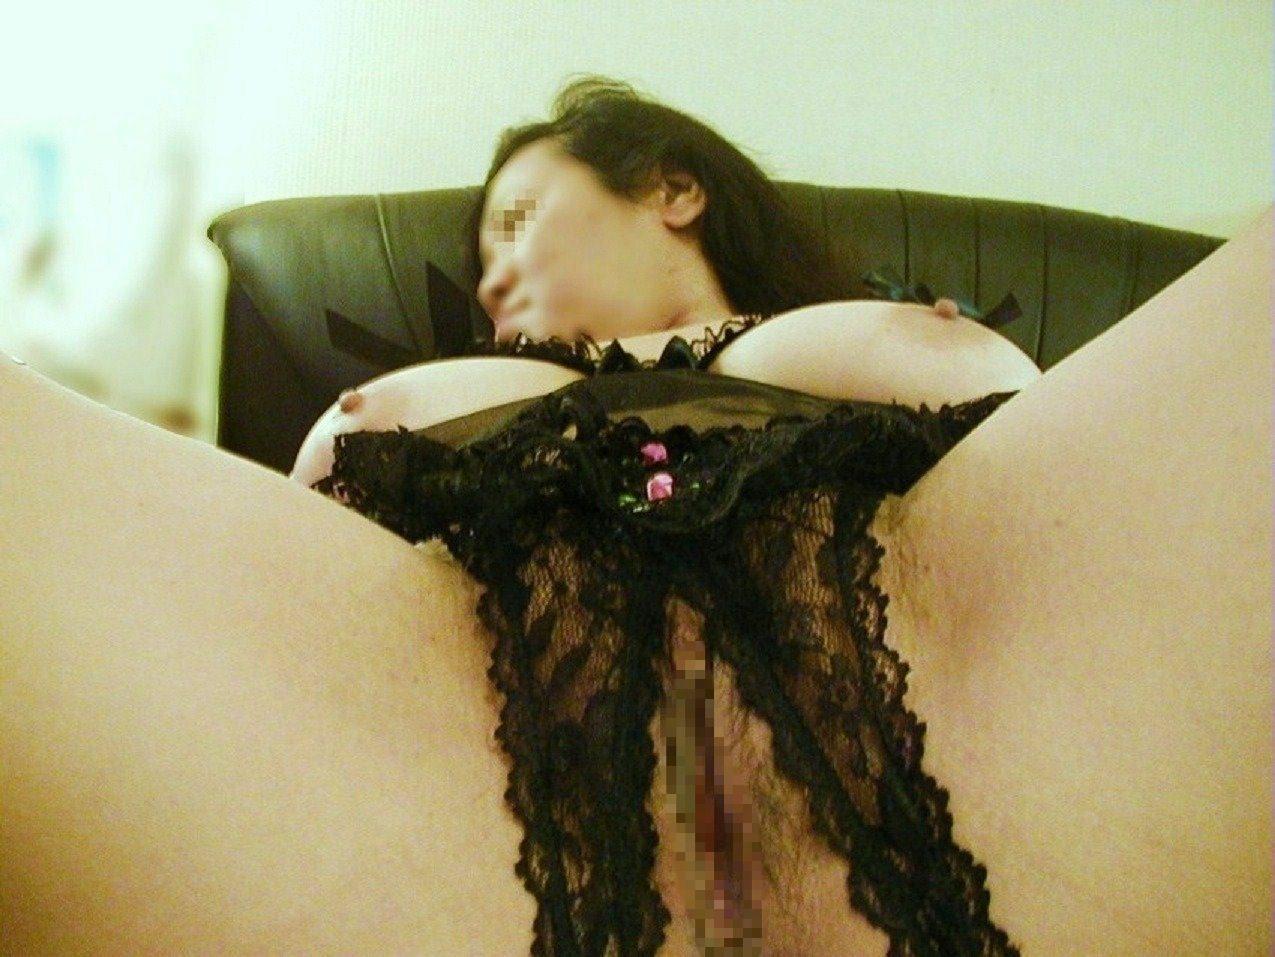 パンティのクロッチに穴開いてるヤツエロ過ぎだろwww穴あきパンツから覗く熟年女性のオマンコwww 17400